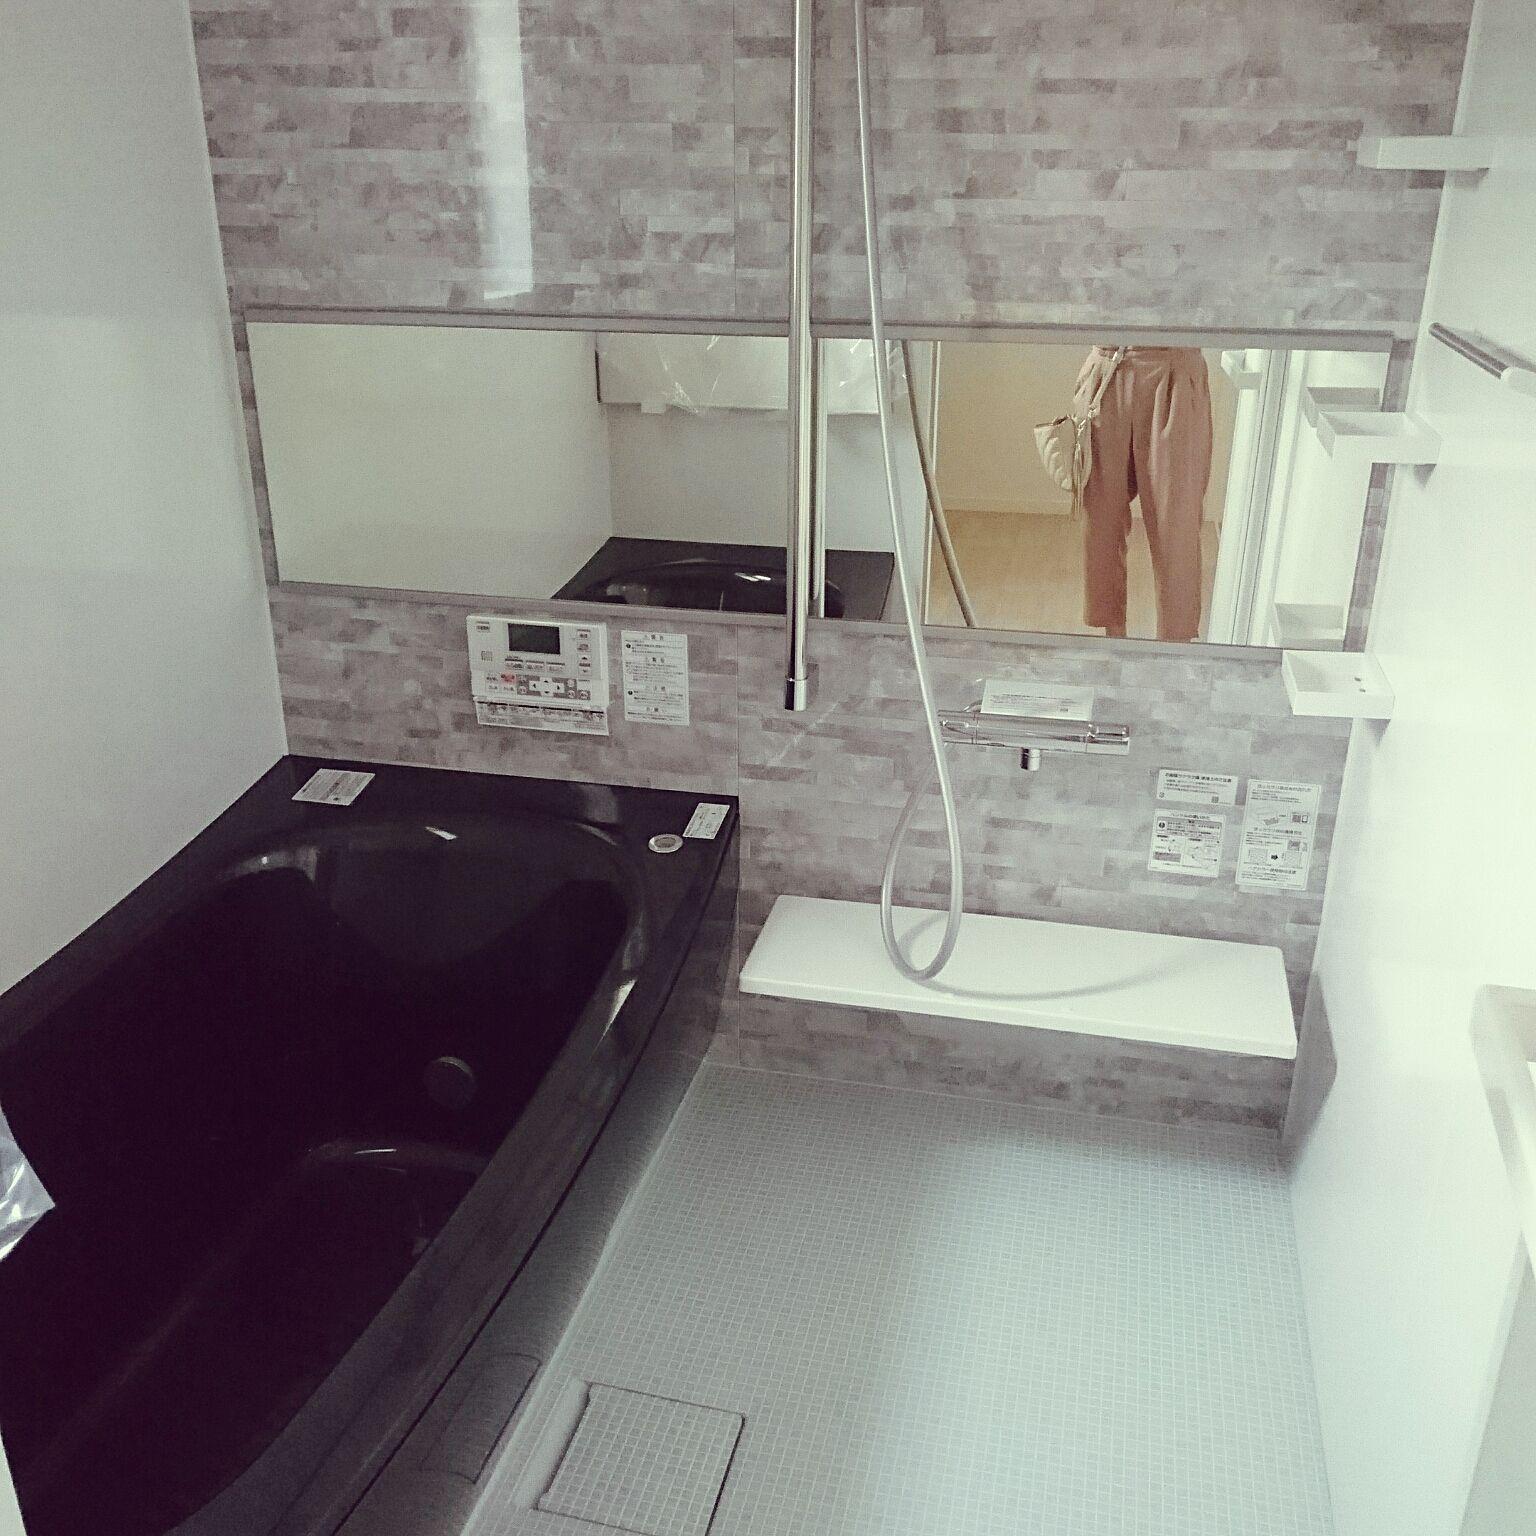 バス トイレ Toto サザナ 黒い浴槽 入居前のインテリア実例 2017 07 23 09 59 13 Roomclip ルームクリップ 白いバスルーム 白黒のバスルーム 浴室 インテリア